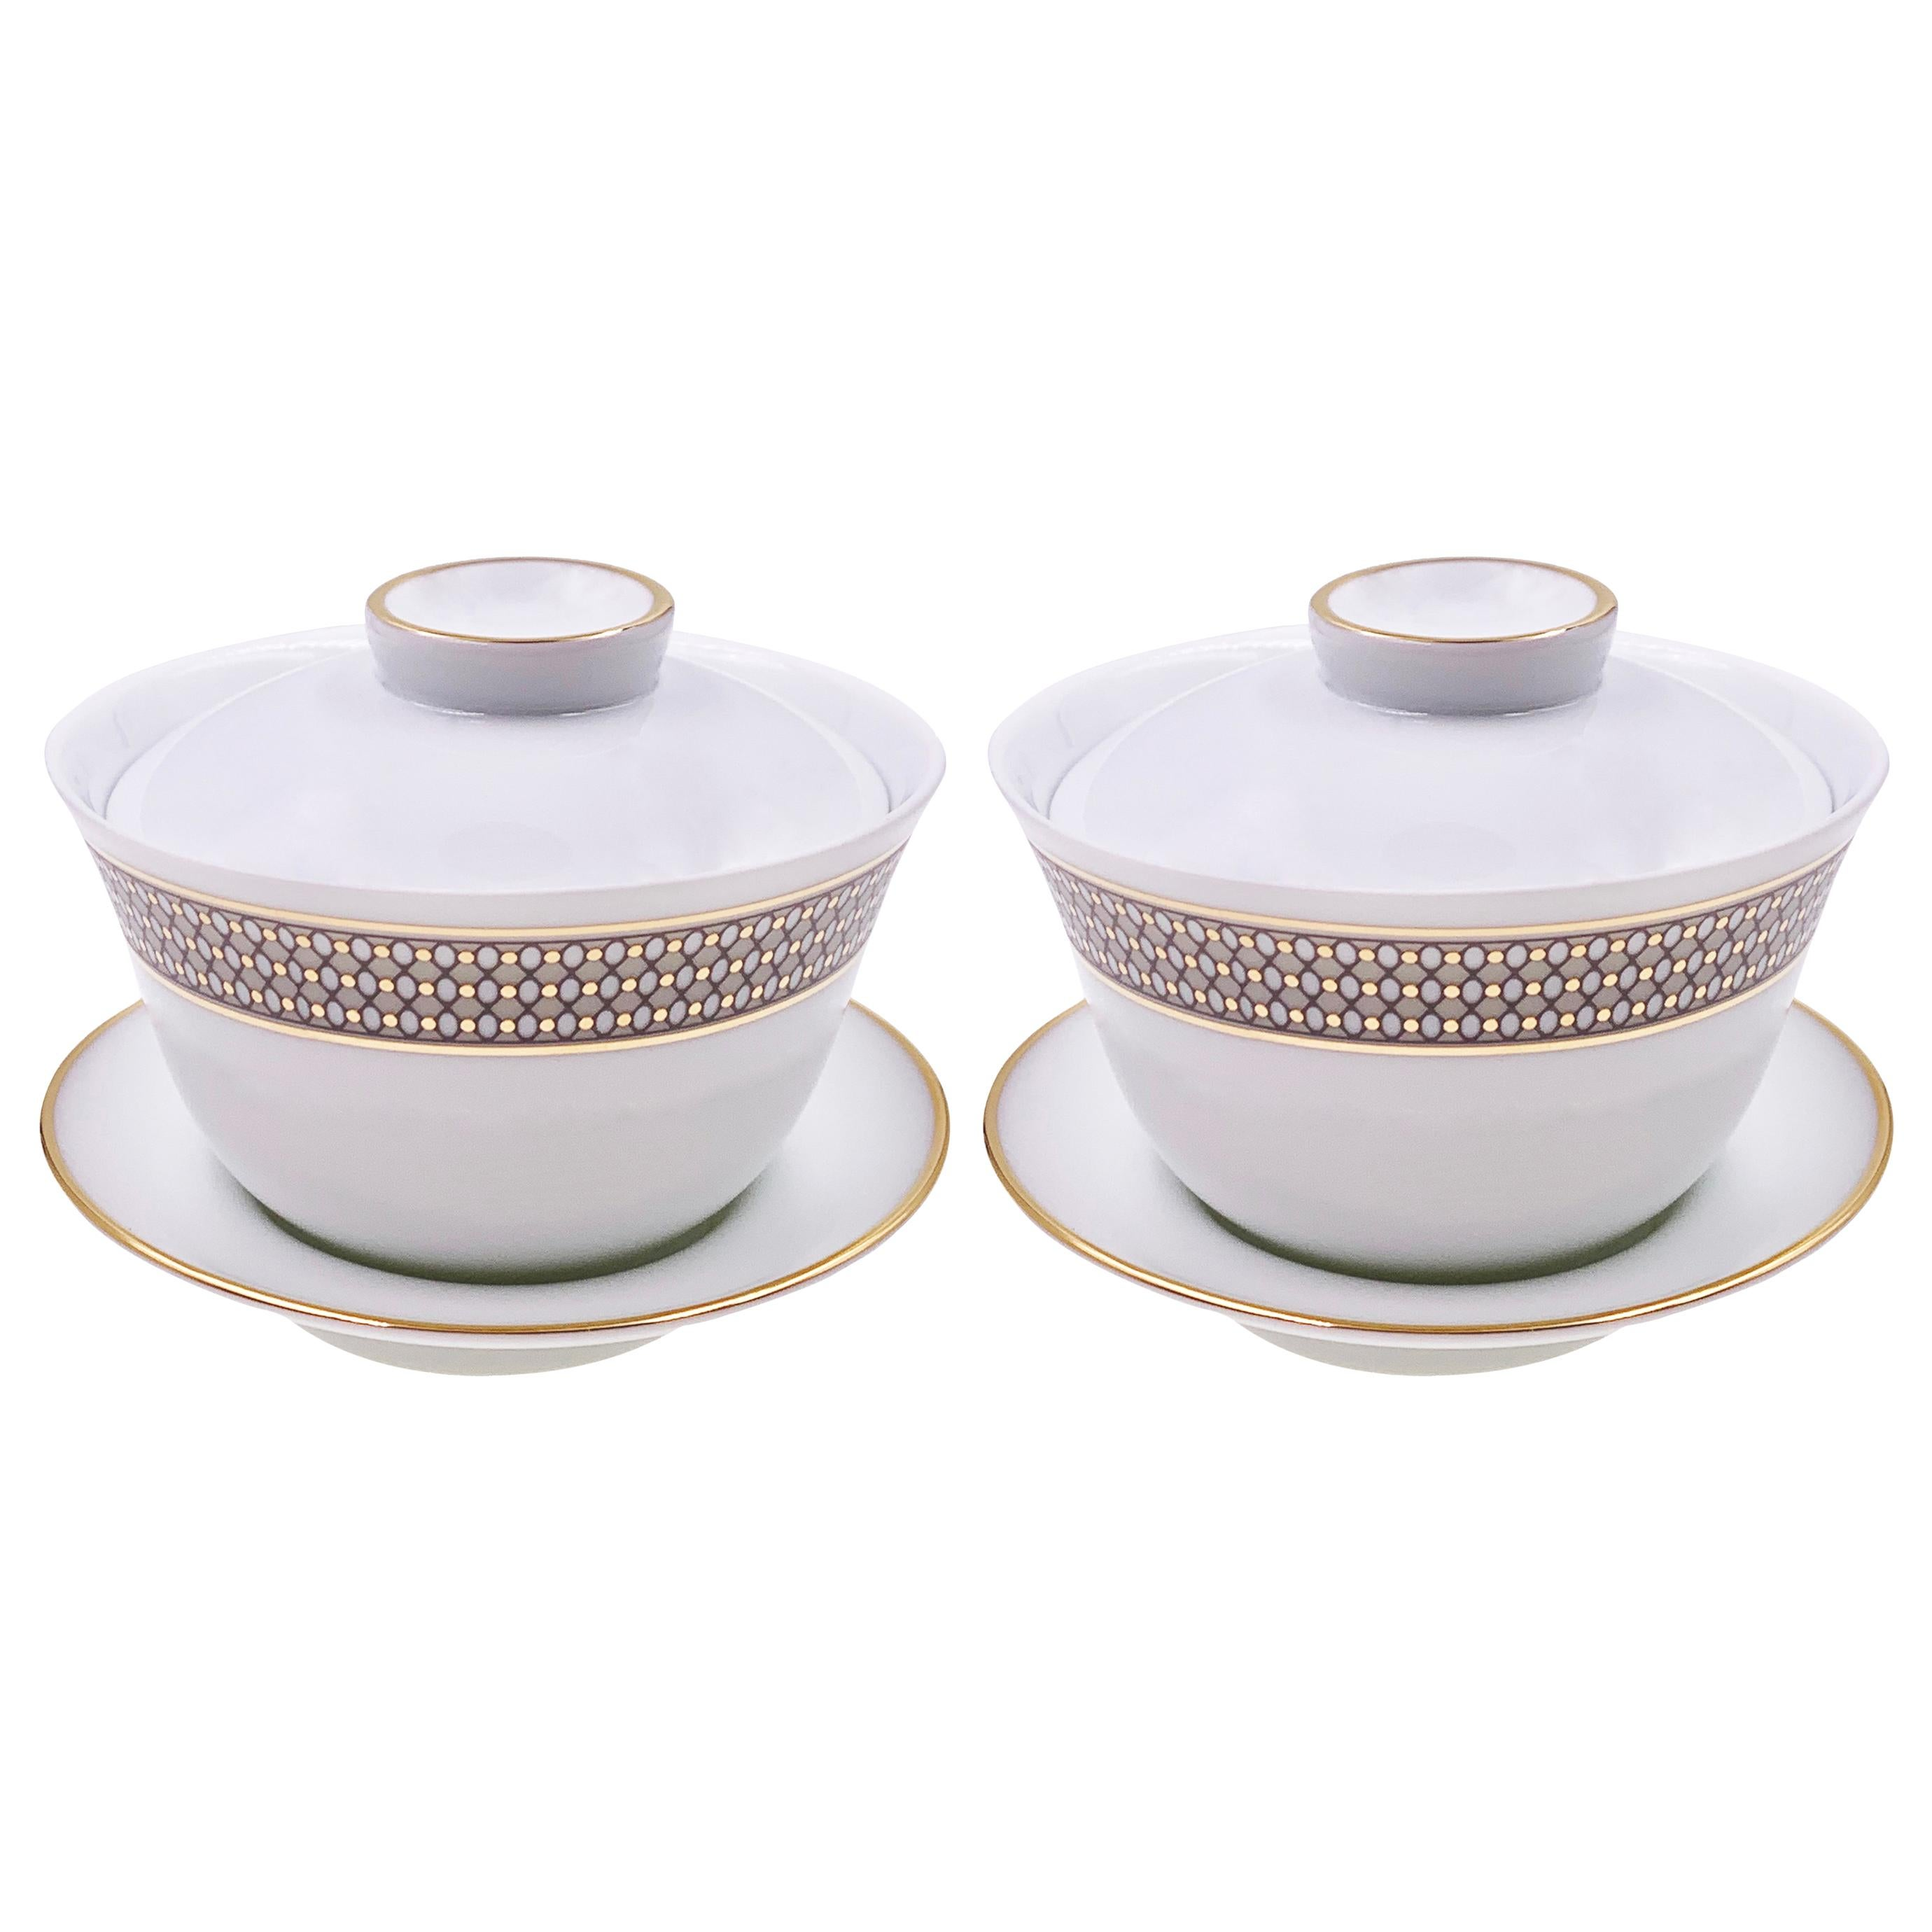 Set of 2 Chinese Tea Cup Gaiwan Set Modern Vintage André Fu Living Tableware